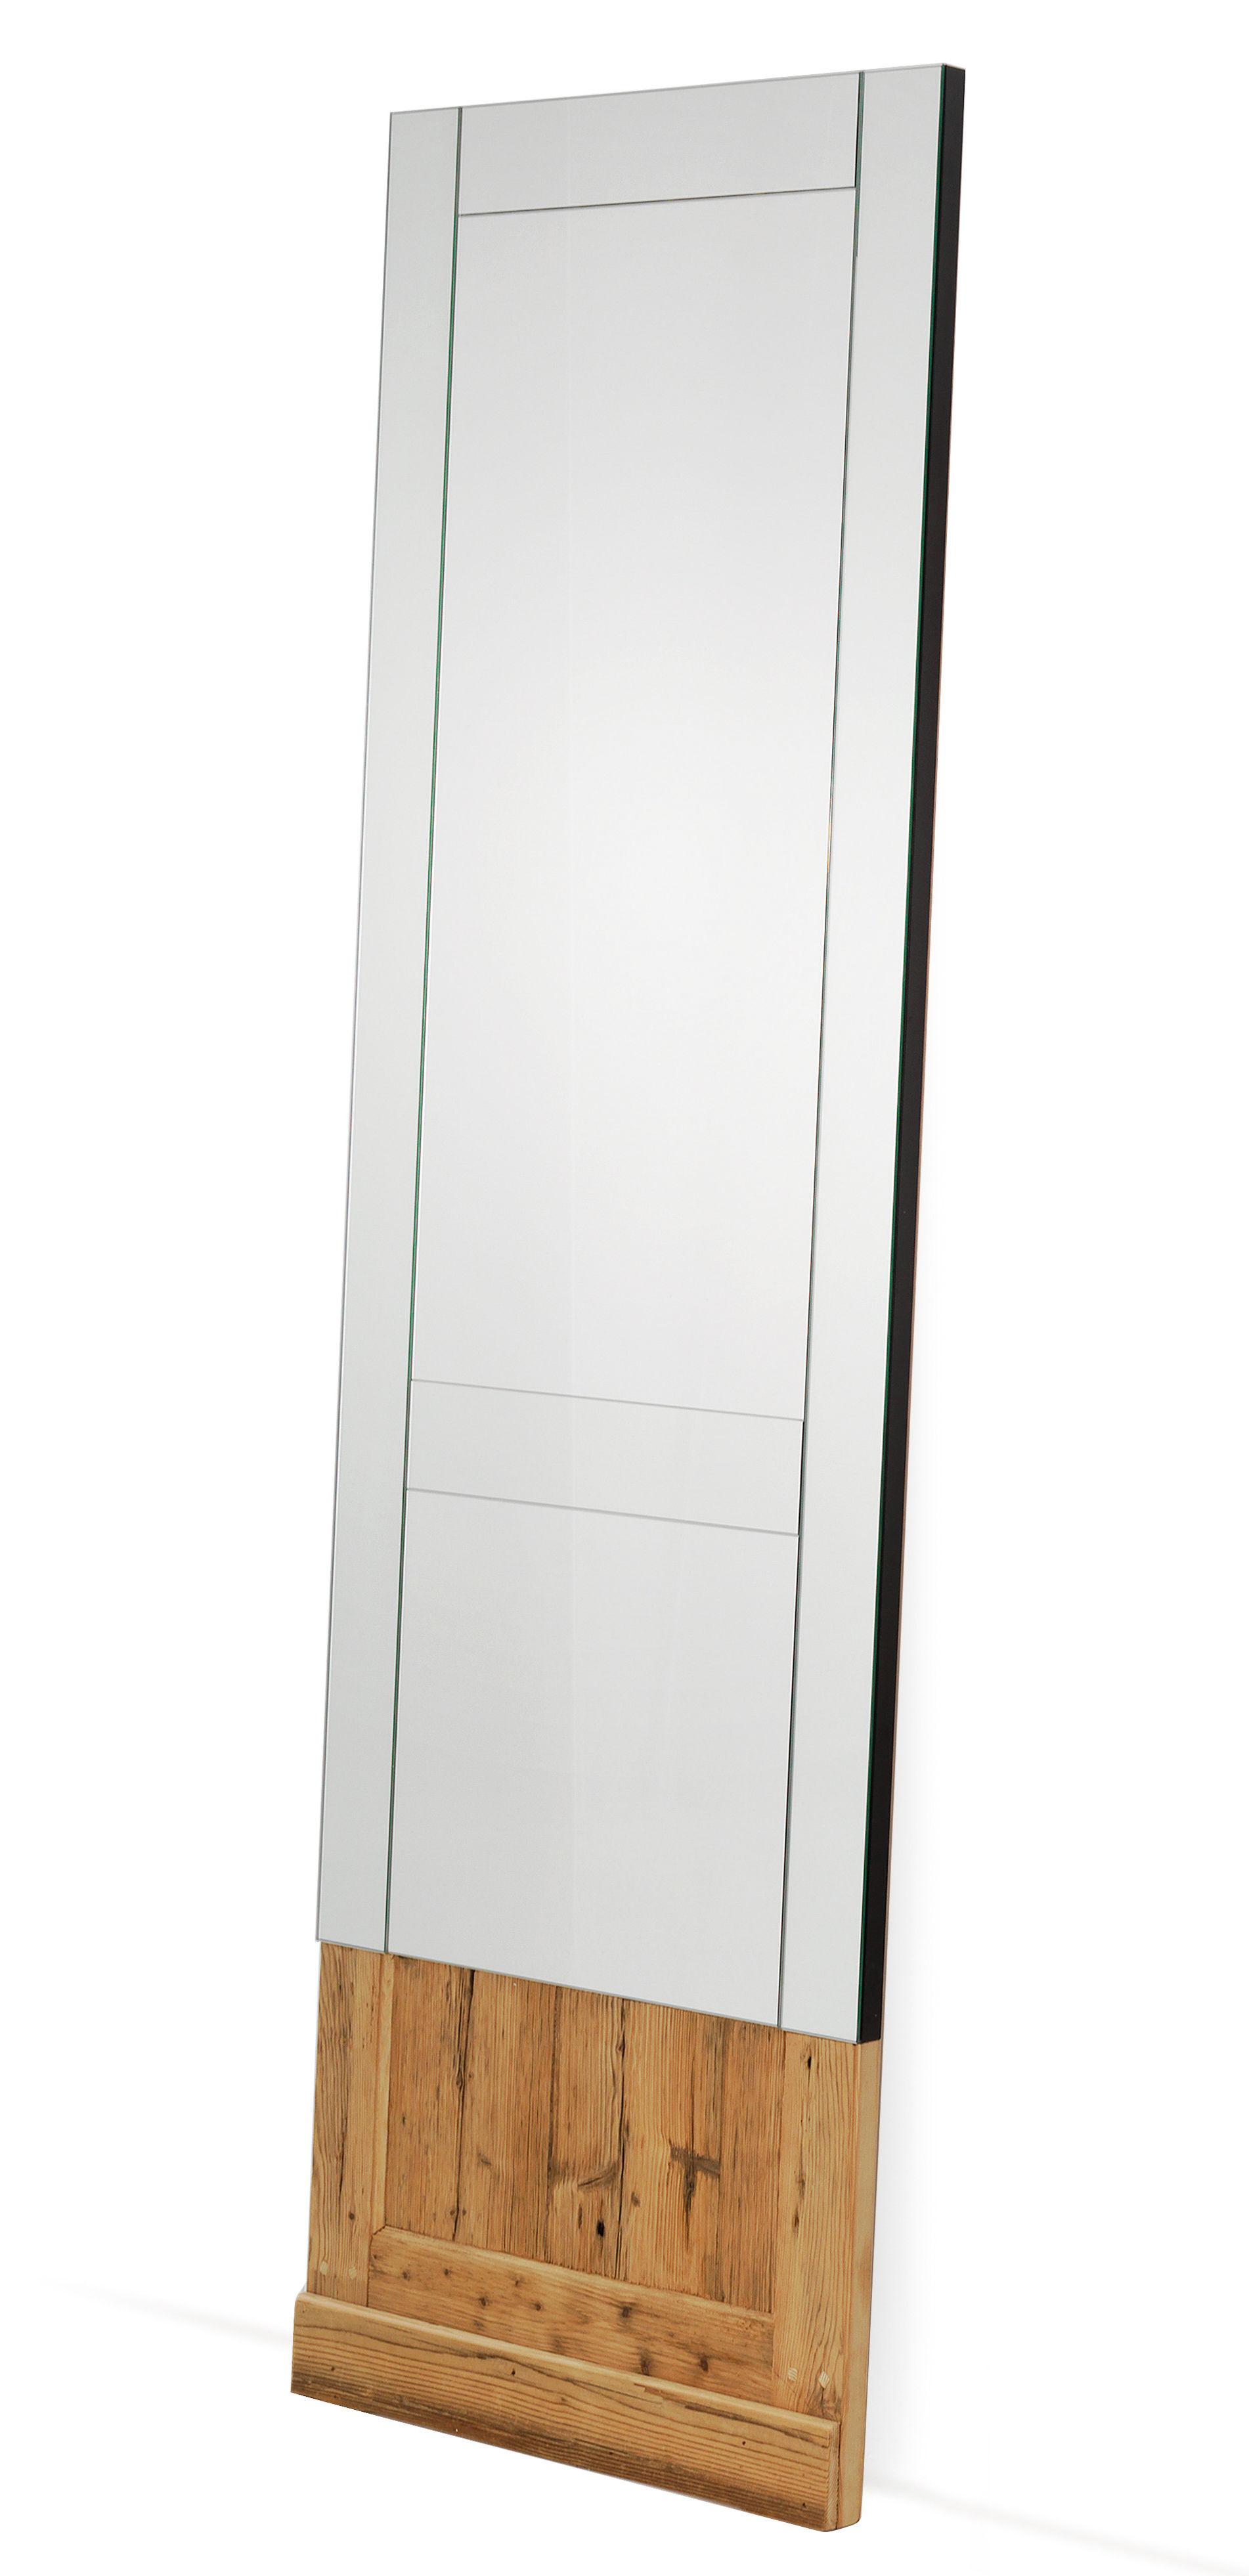 Déco - Miroirs - Miroir Don't Open / à poser ou suspendre - 60 x H 200 cm - Mogg - Miroir / Bois naturel - Mélèze, Verre